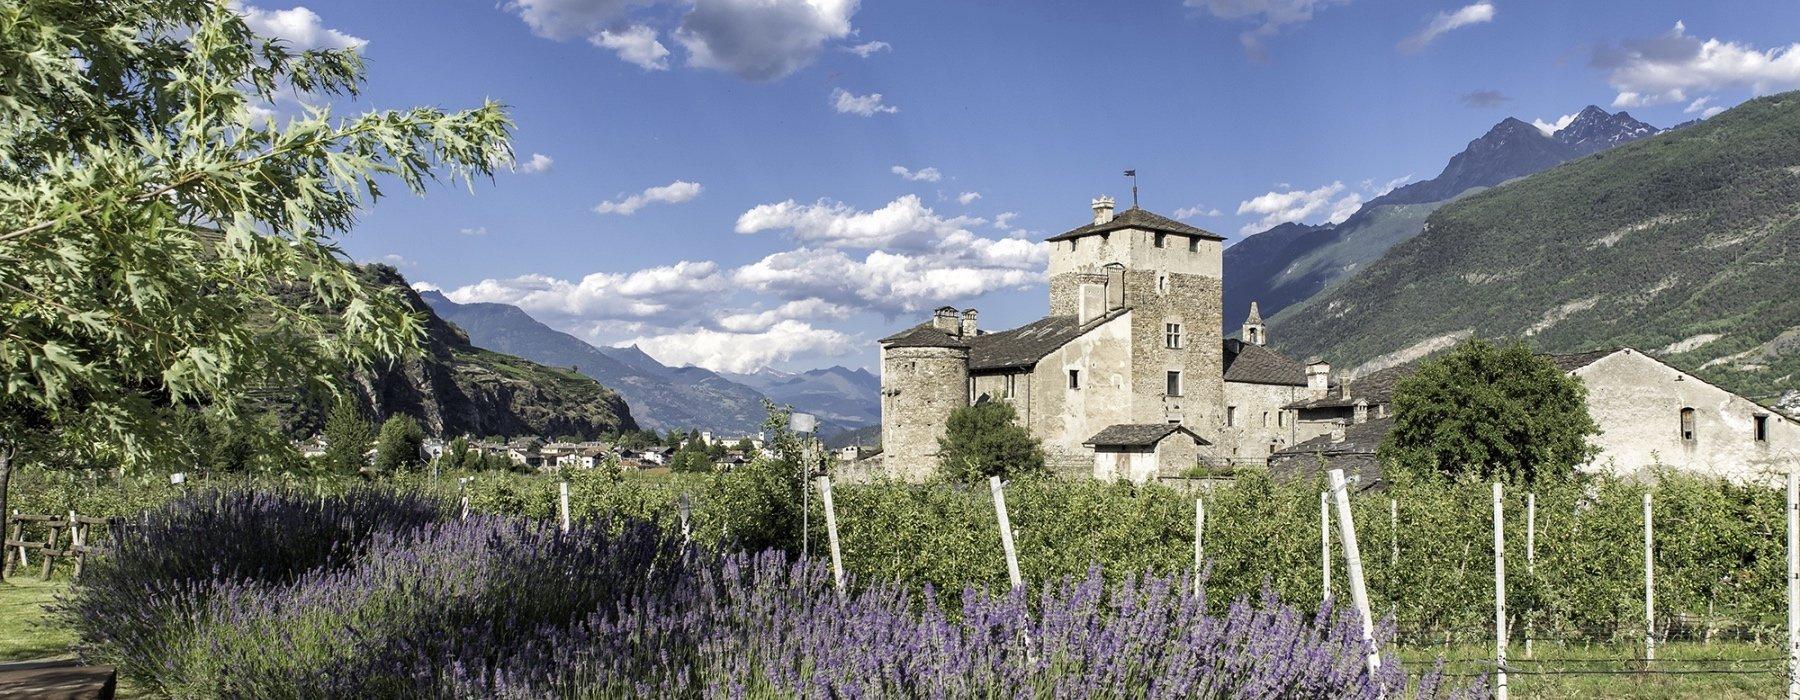 castello sarriod - panorama